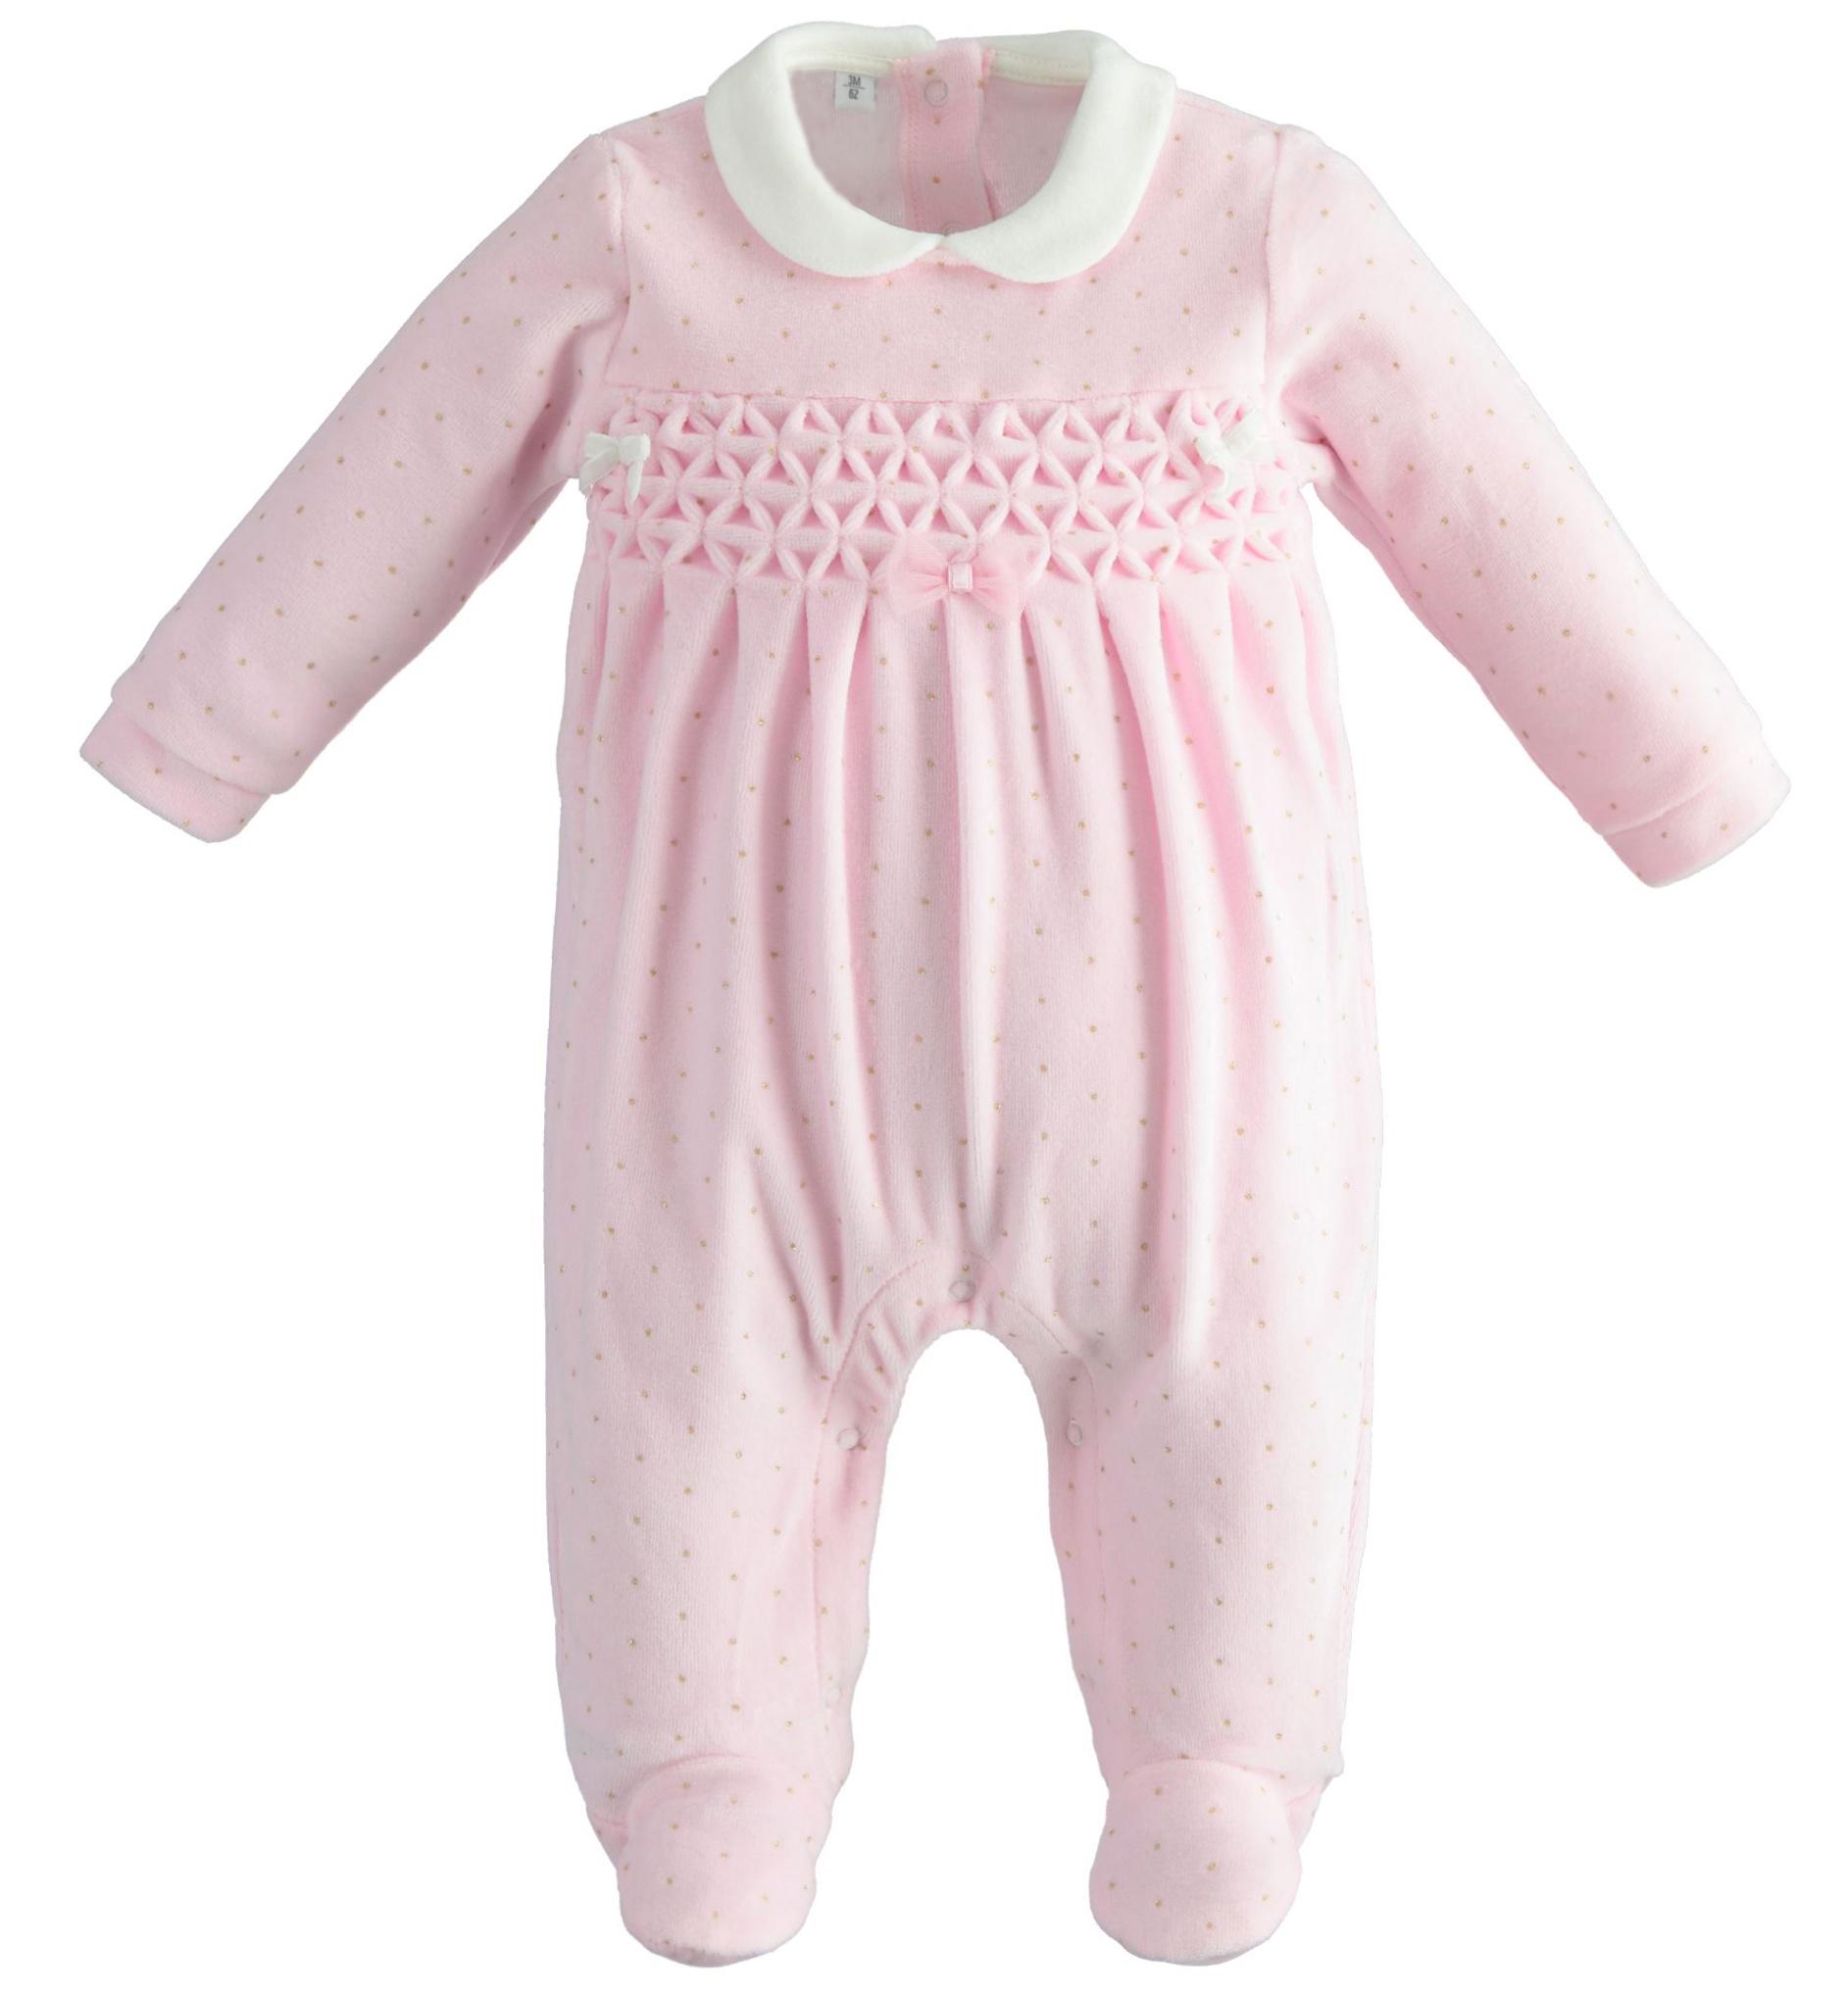 Ido iDO Pink Velour Bow Babygrow - 43258 AW21